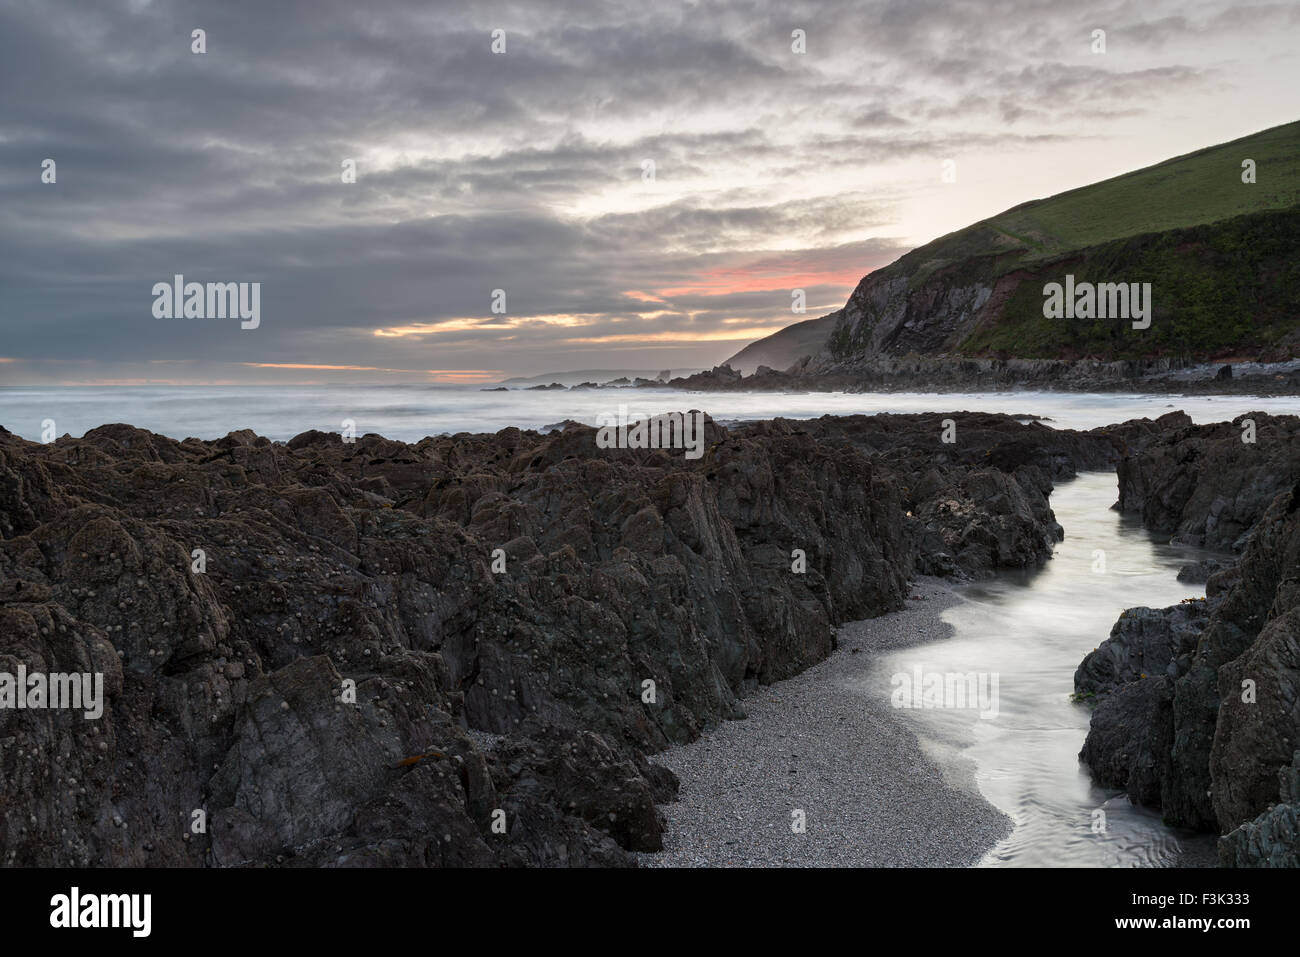 Una noche de tormenta en la playa en Portwrinkle del sur de la costa de Cornwall. Imagen De Stock